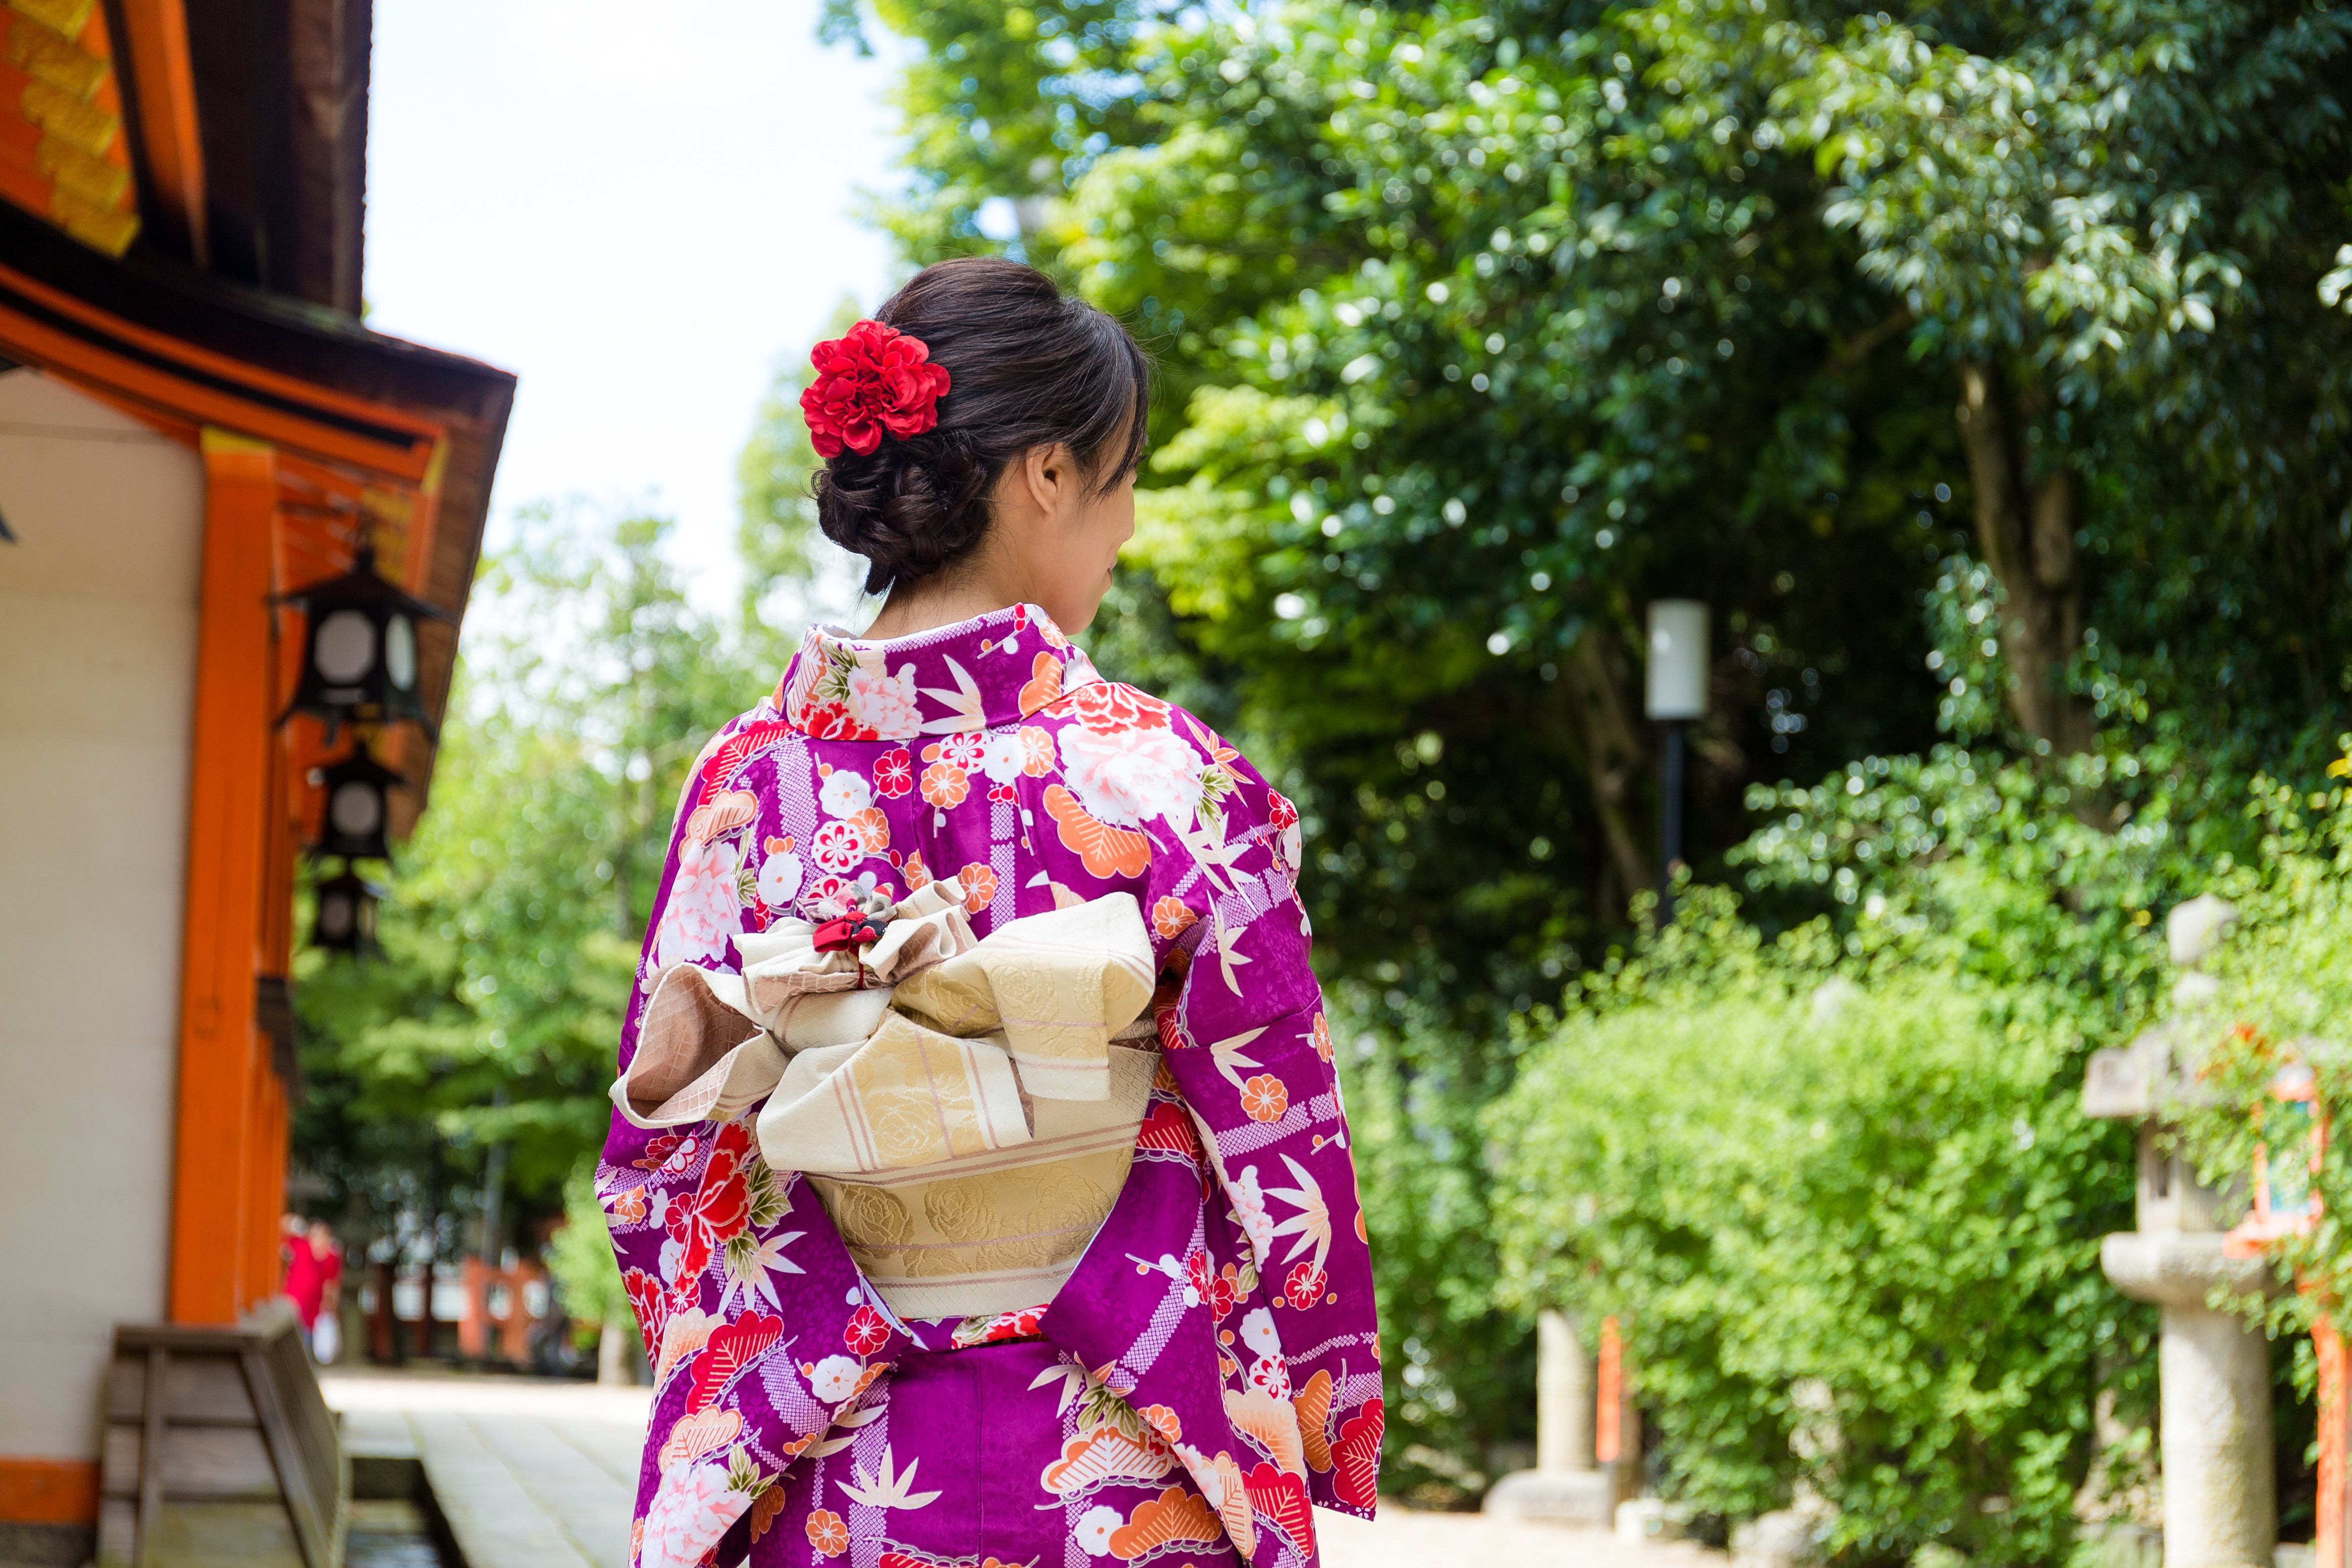 着物に似合うヘアスタイルでしっとりはんなり和服美人になろう